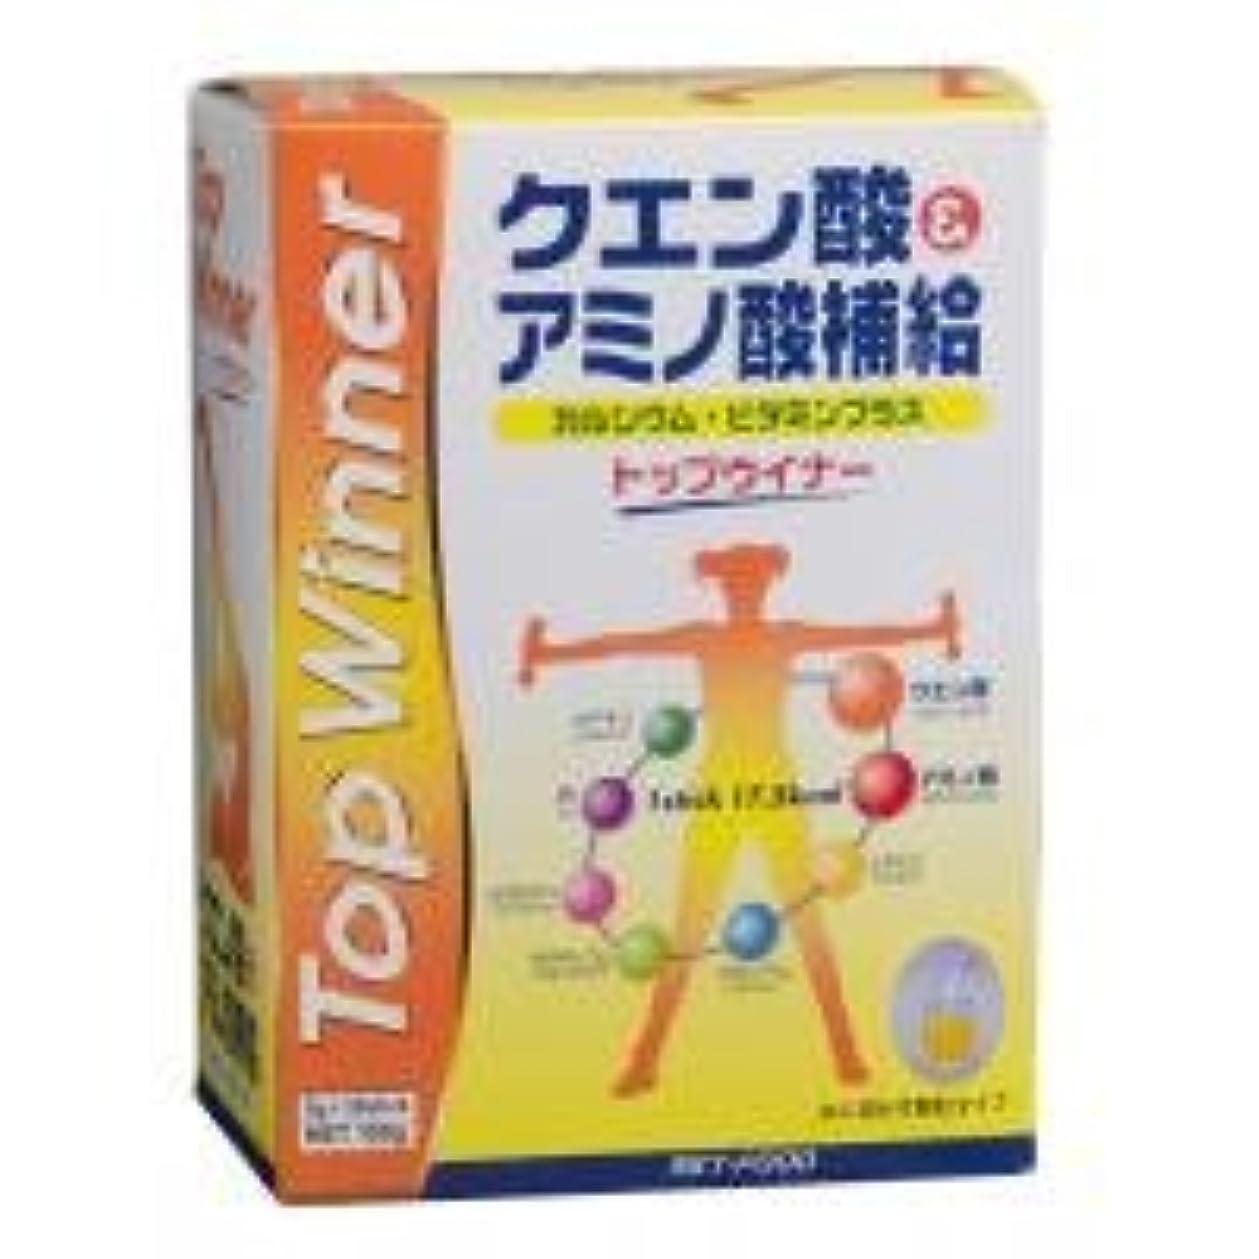 誠実入札究極のクエン酸&アミノ酸補給 トップウィナー 5g×30袋 0834372